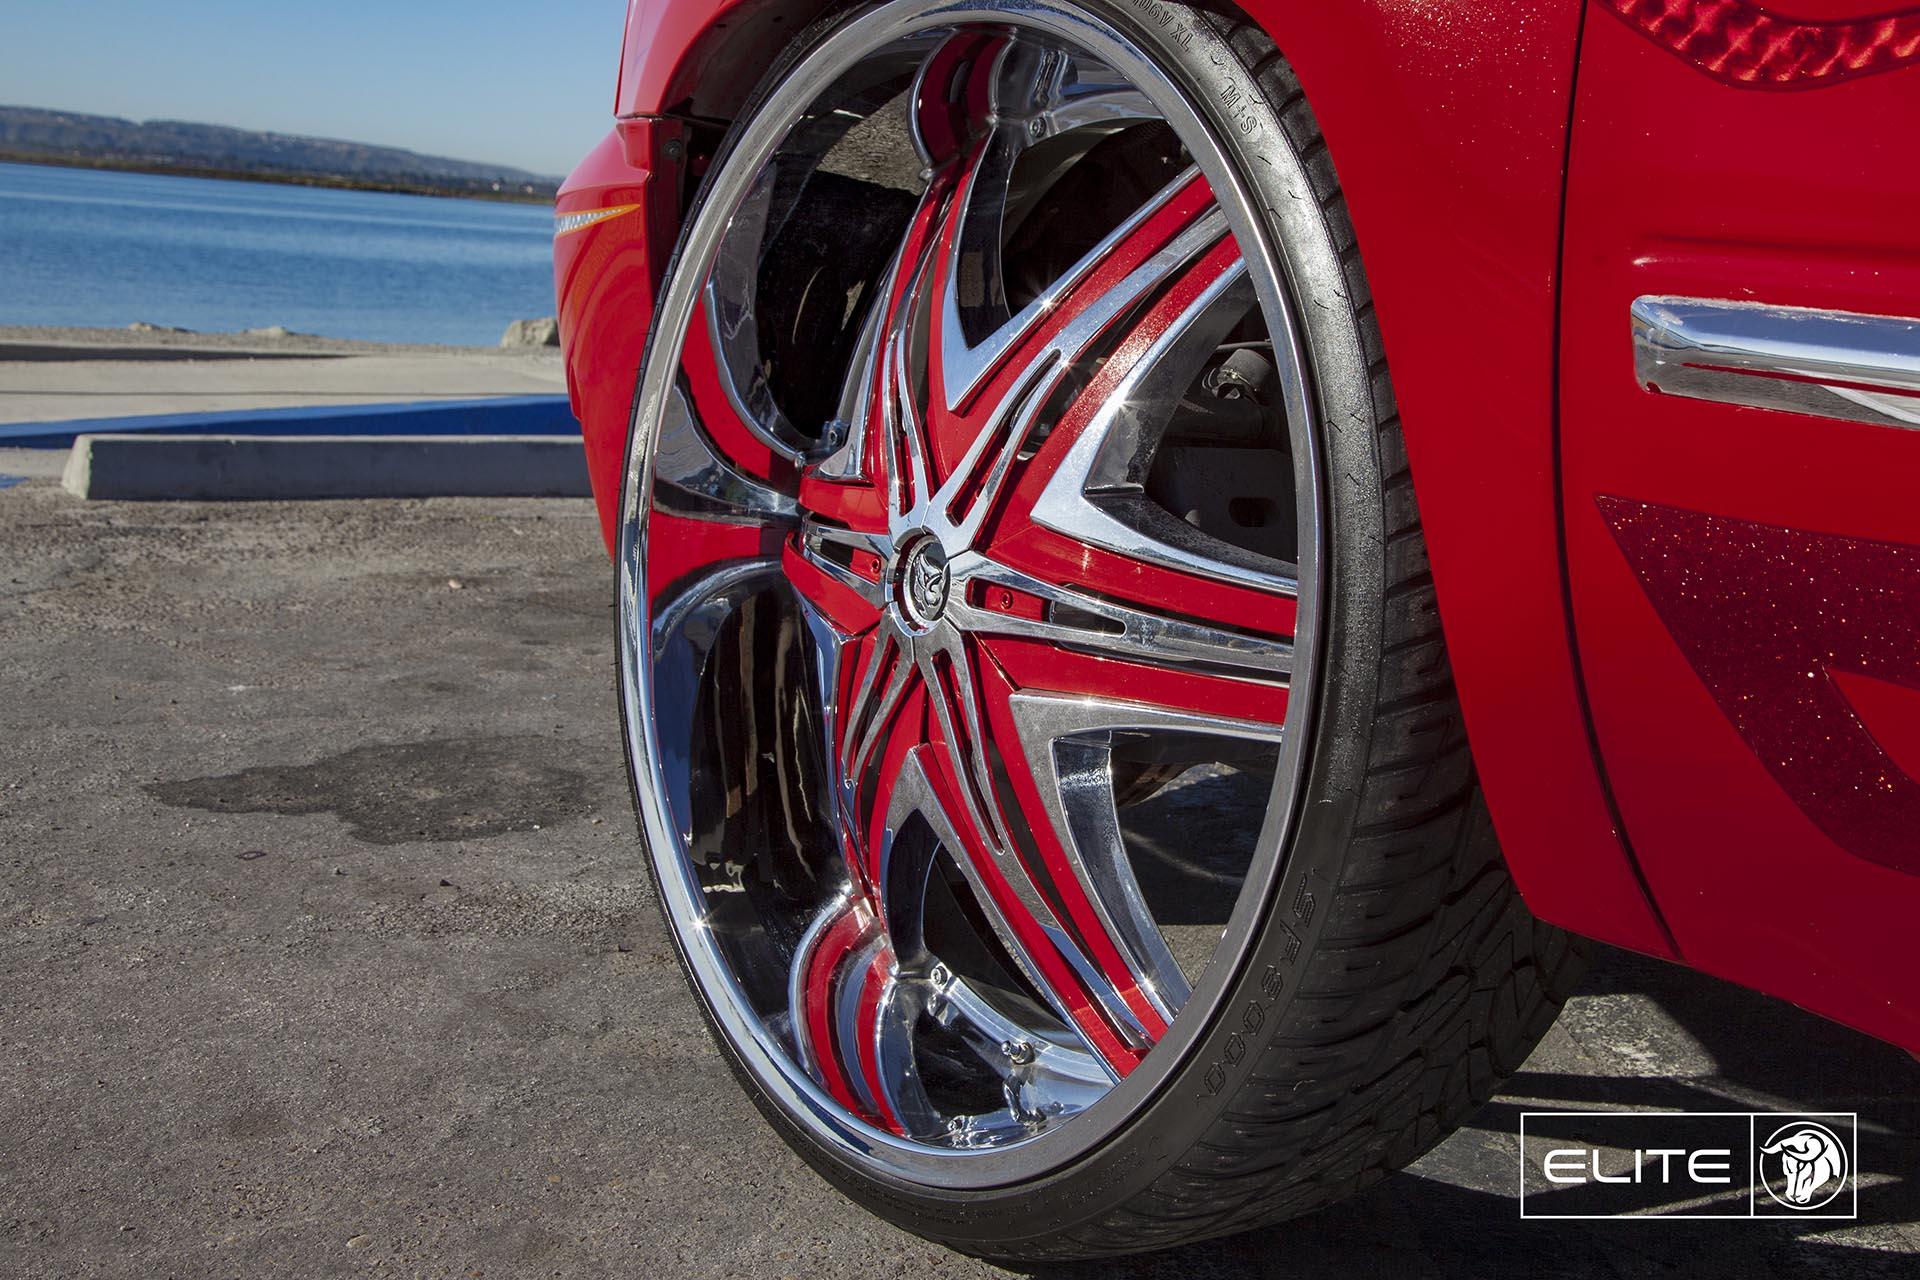 Chrome Diablo Elite Wheels on a Chevy Silverado